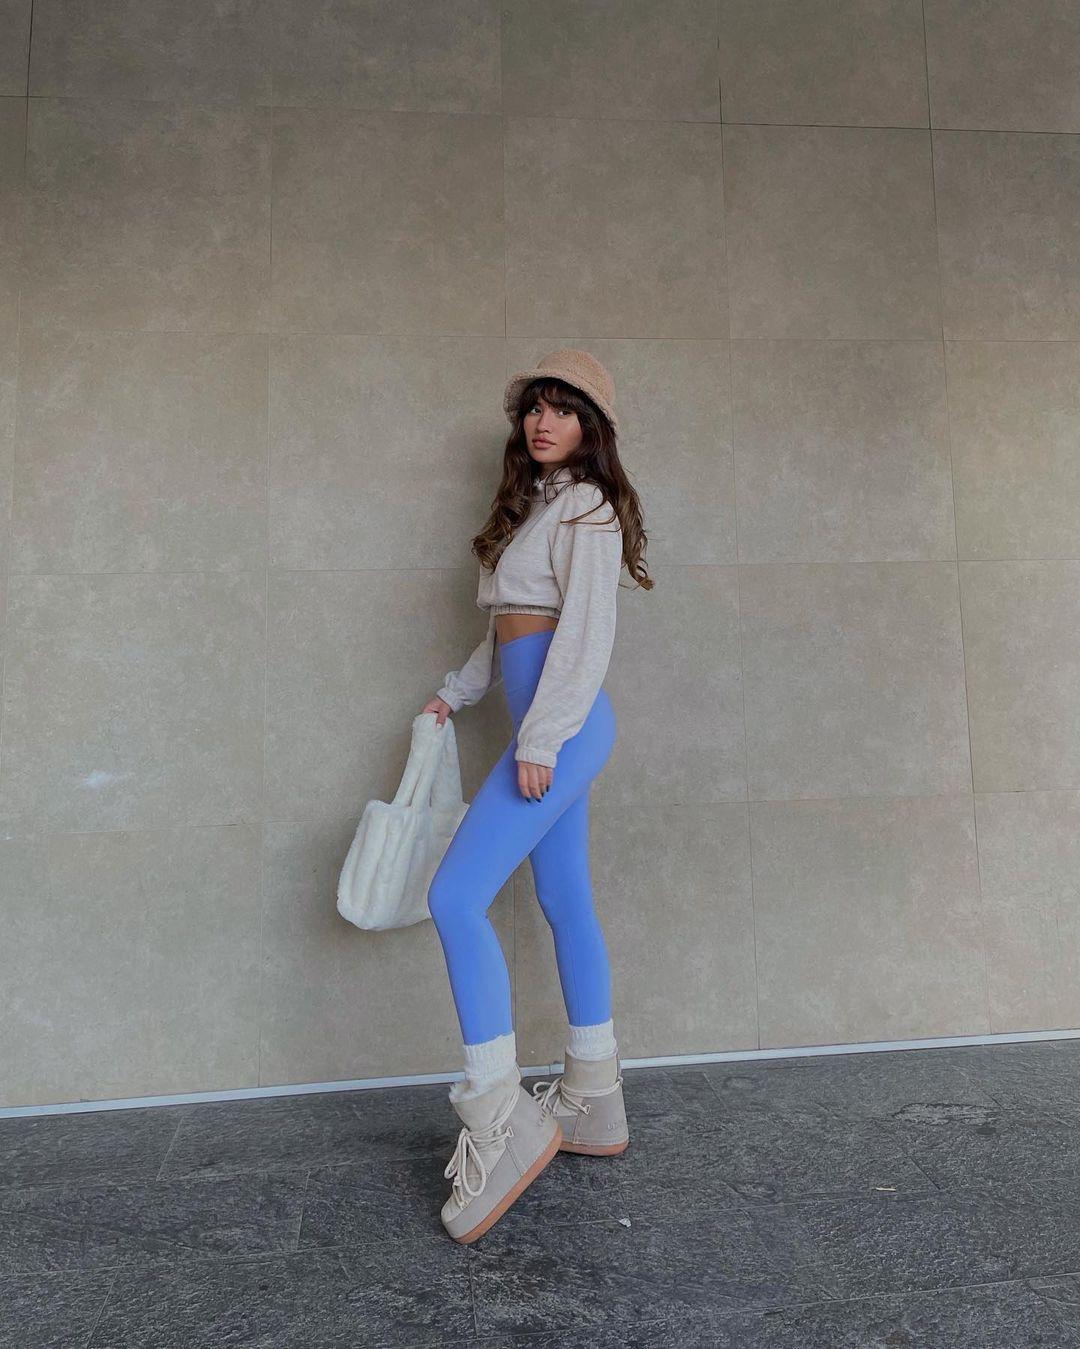 Ceren-Kaya-Wallpapers-Insta-Fit-Bio-4